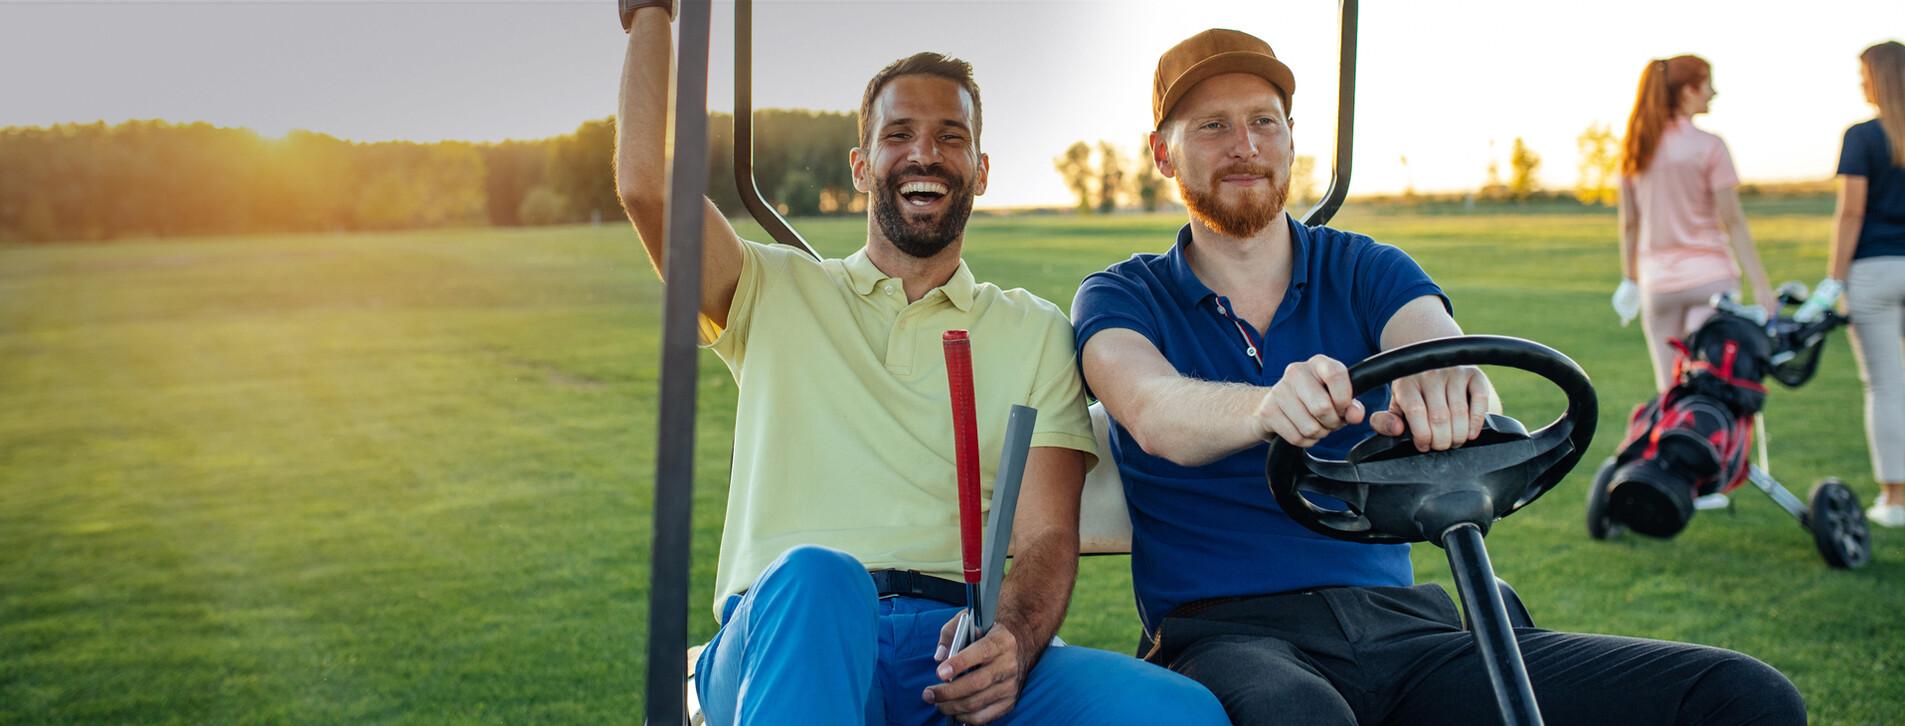 Фото 1 - Уикенд в гольф-клубе для двоих